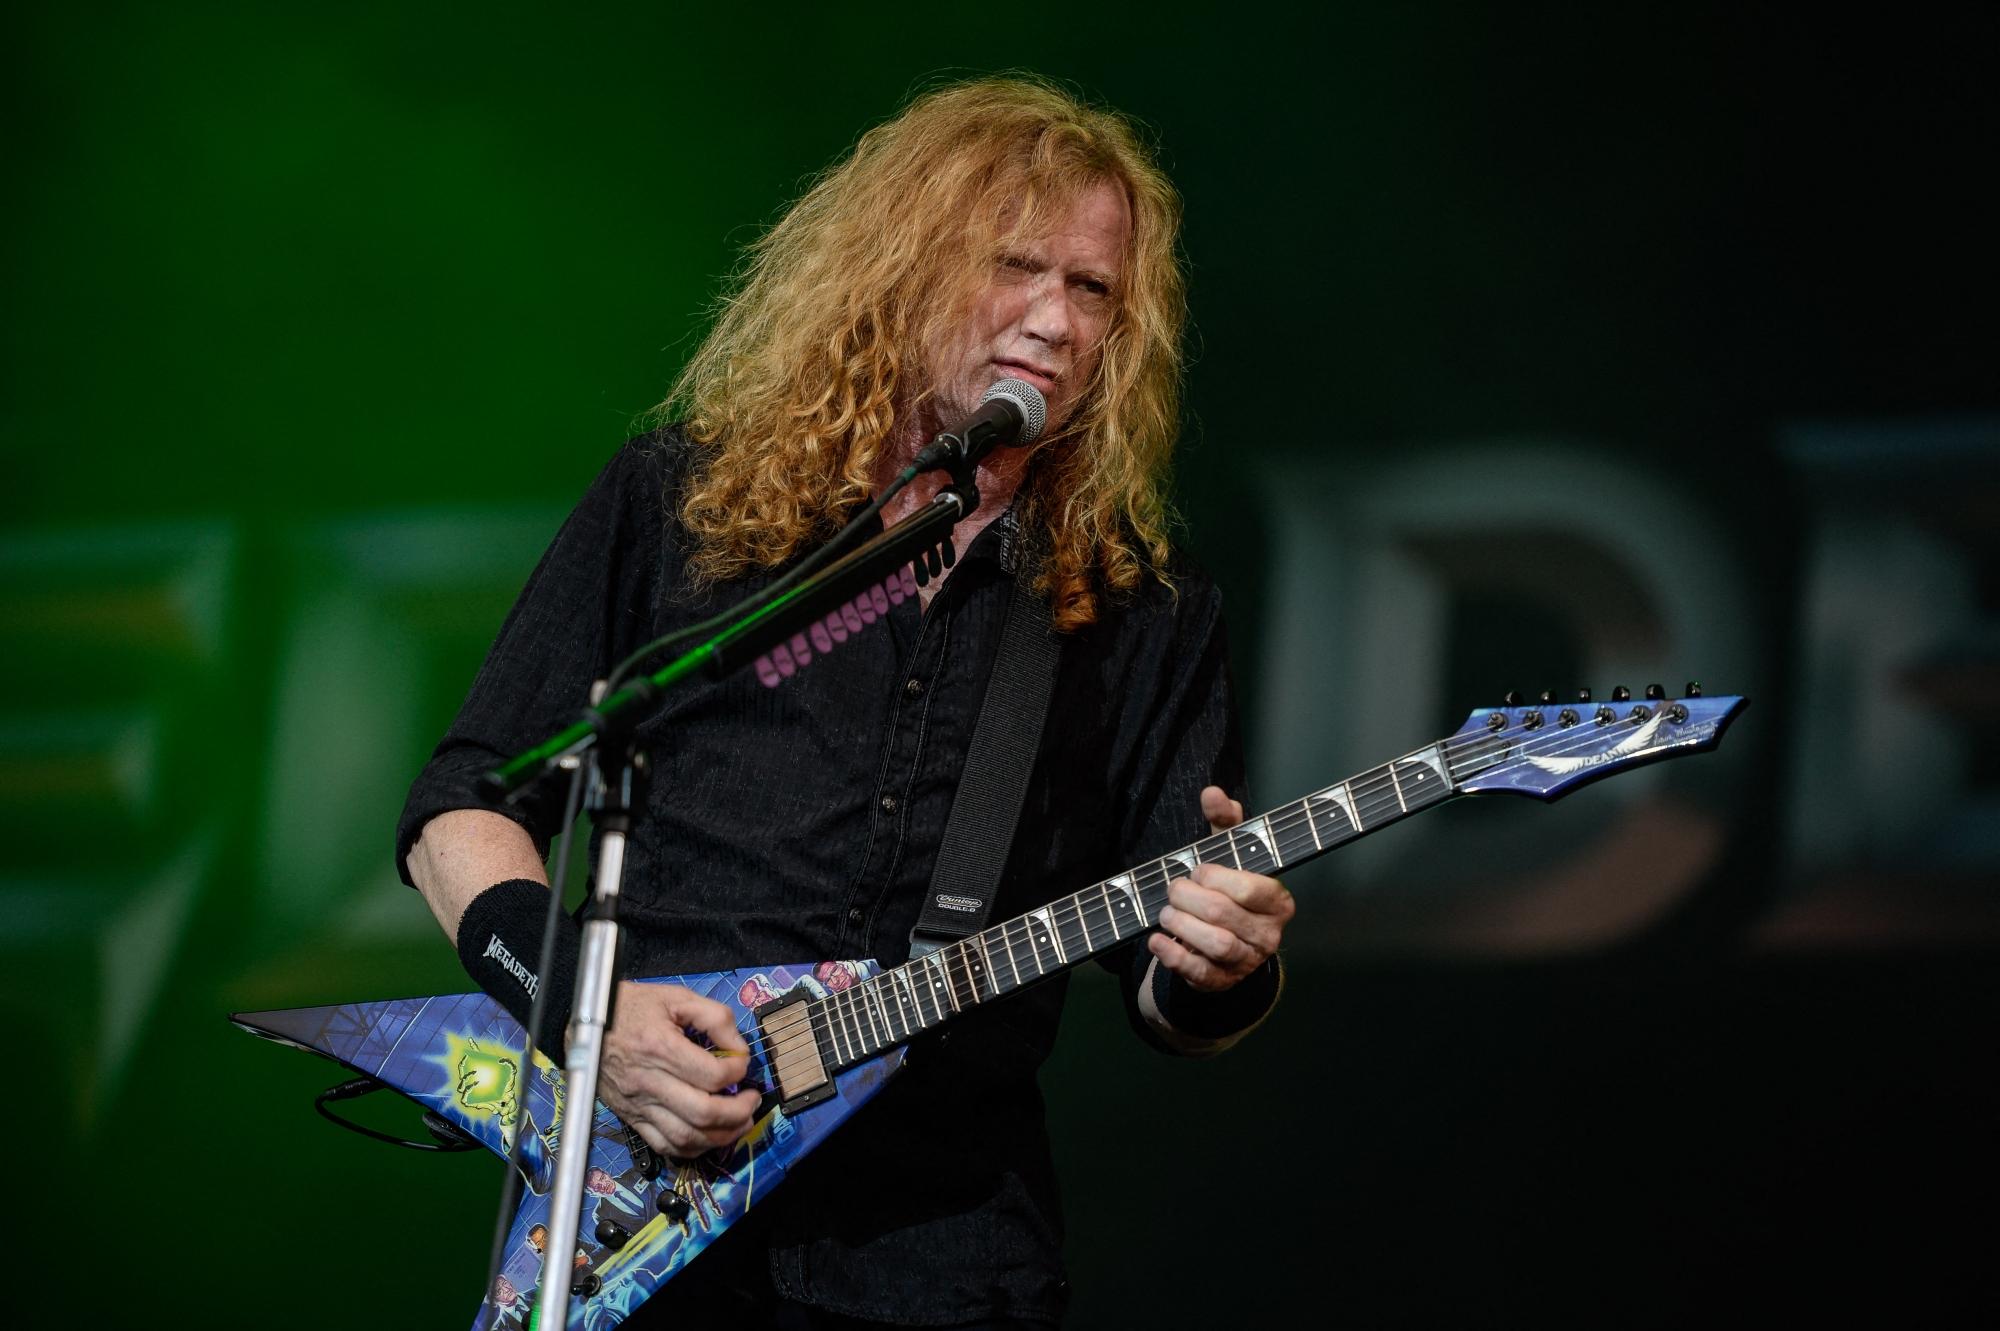 Le chanteur Dave Mustaine révèle souffrir d'un cancer de la gorge — Megadeth